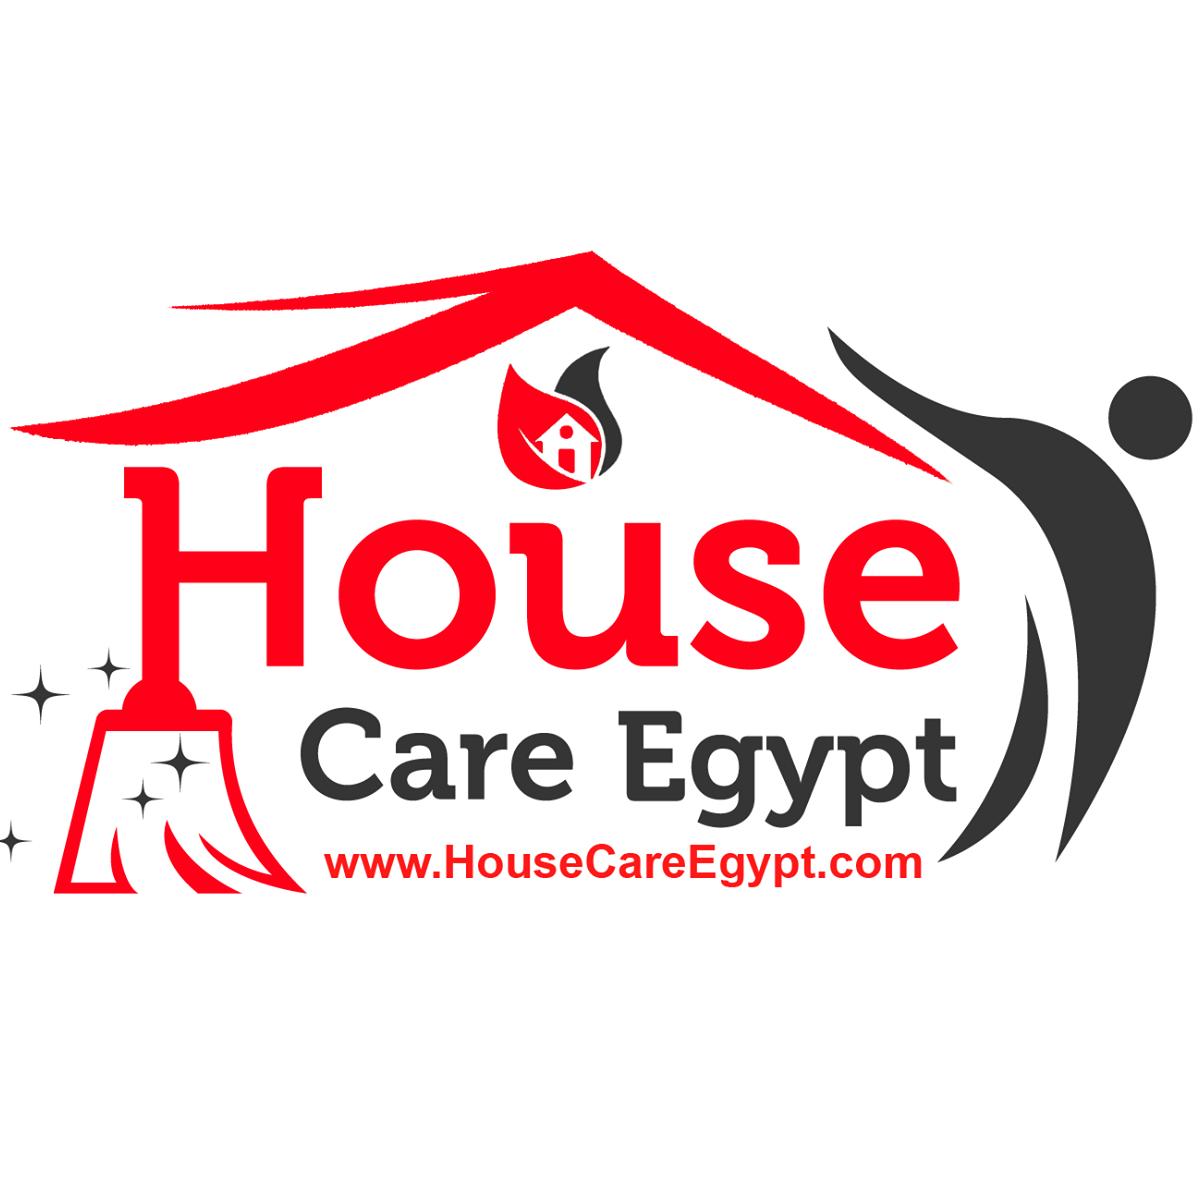 House Care Egypt